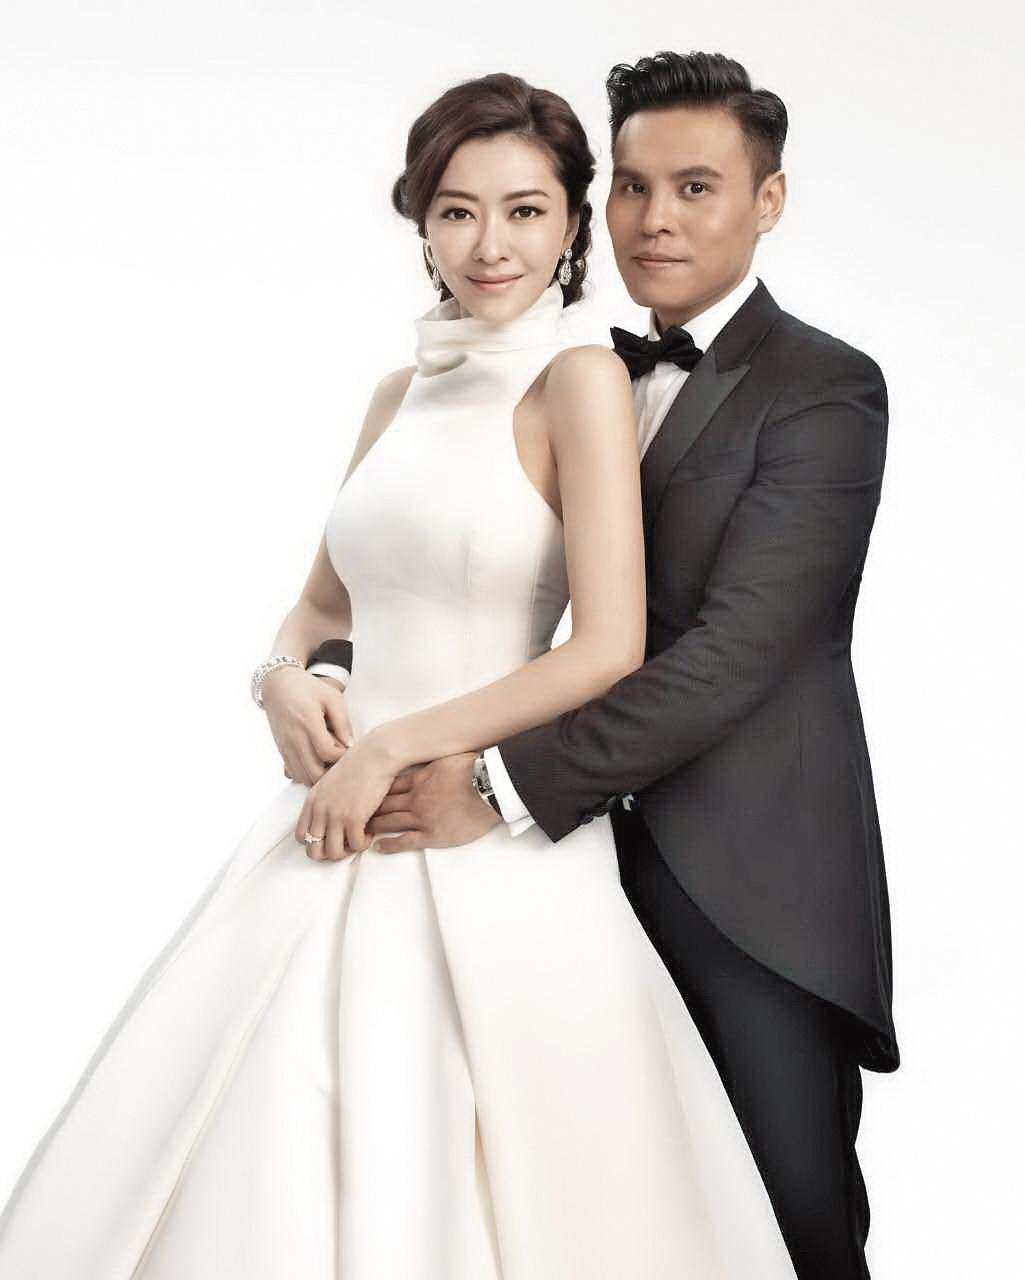 36歲的熊黛林前年10月下嫁郭可盈胞弟、家族坐擁百億資產的郭可頌,更揚言雞年會努力做人。(東方IC)